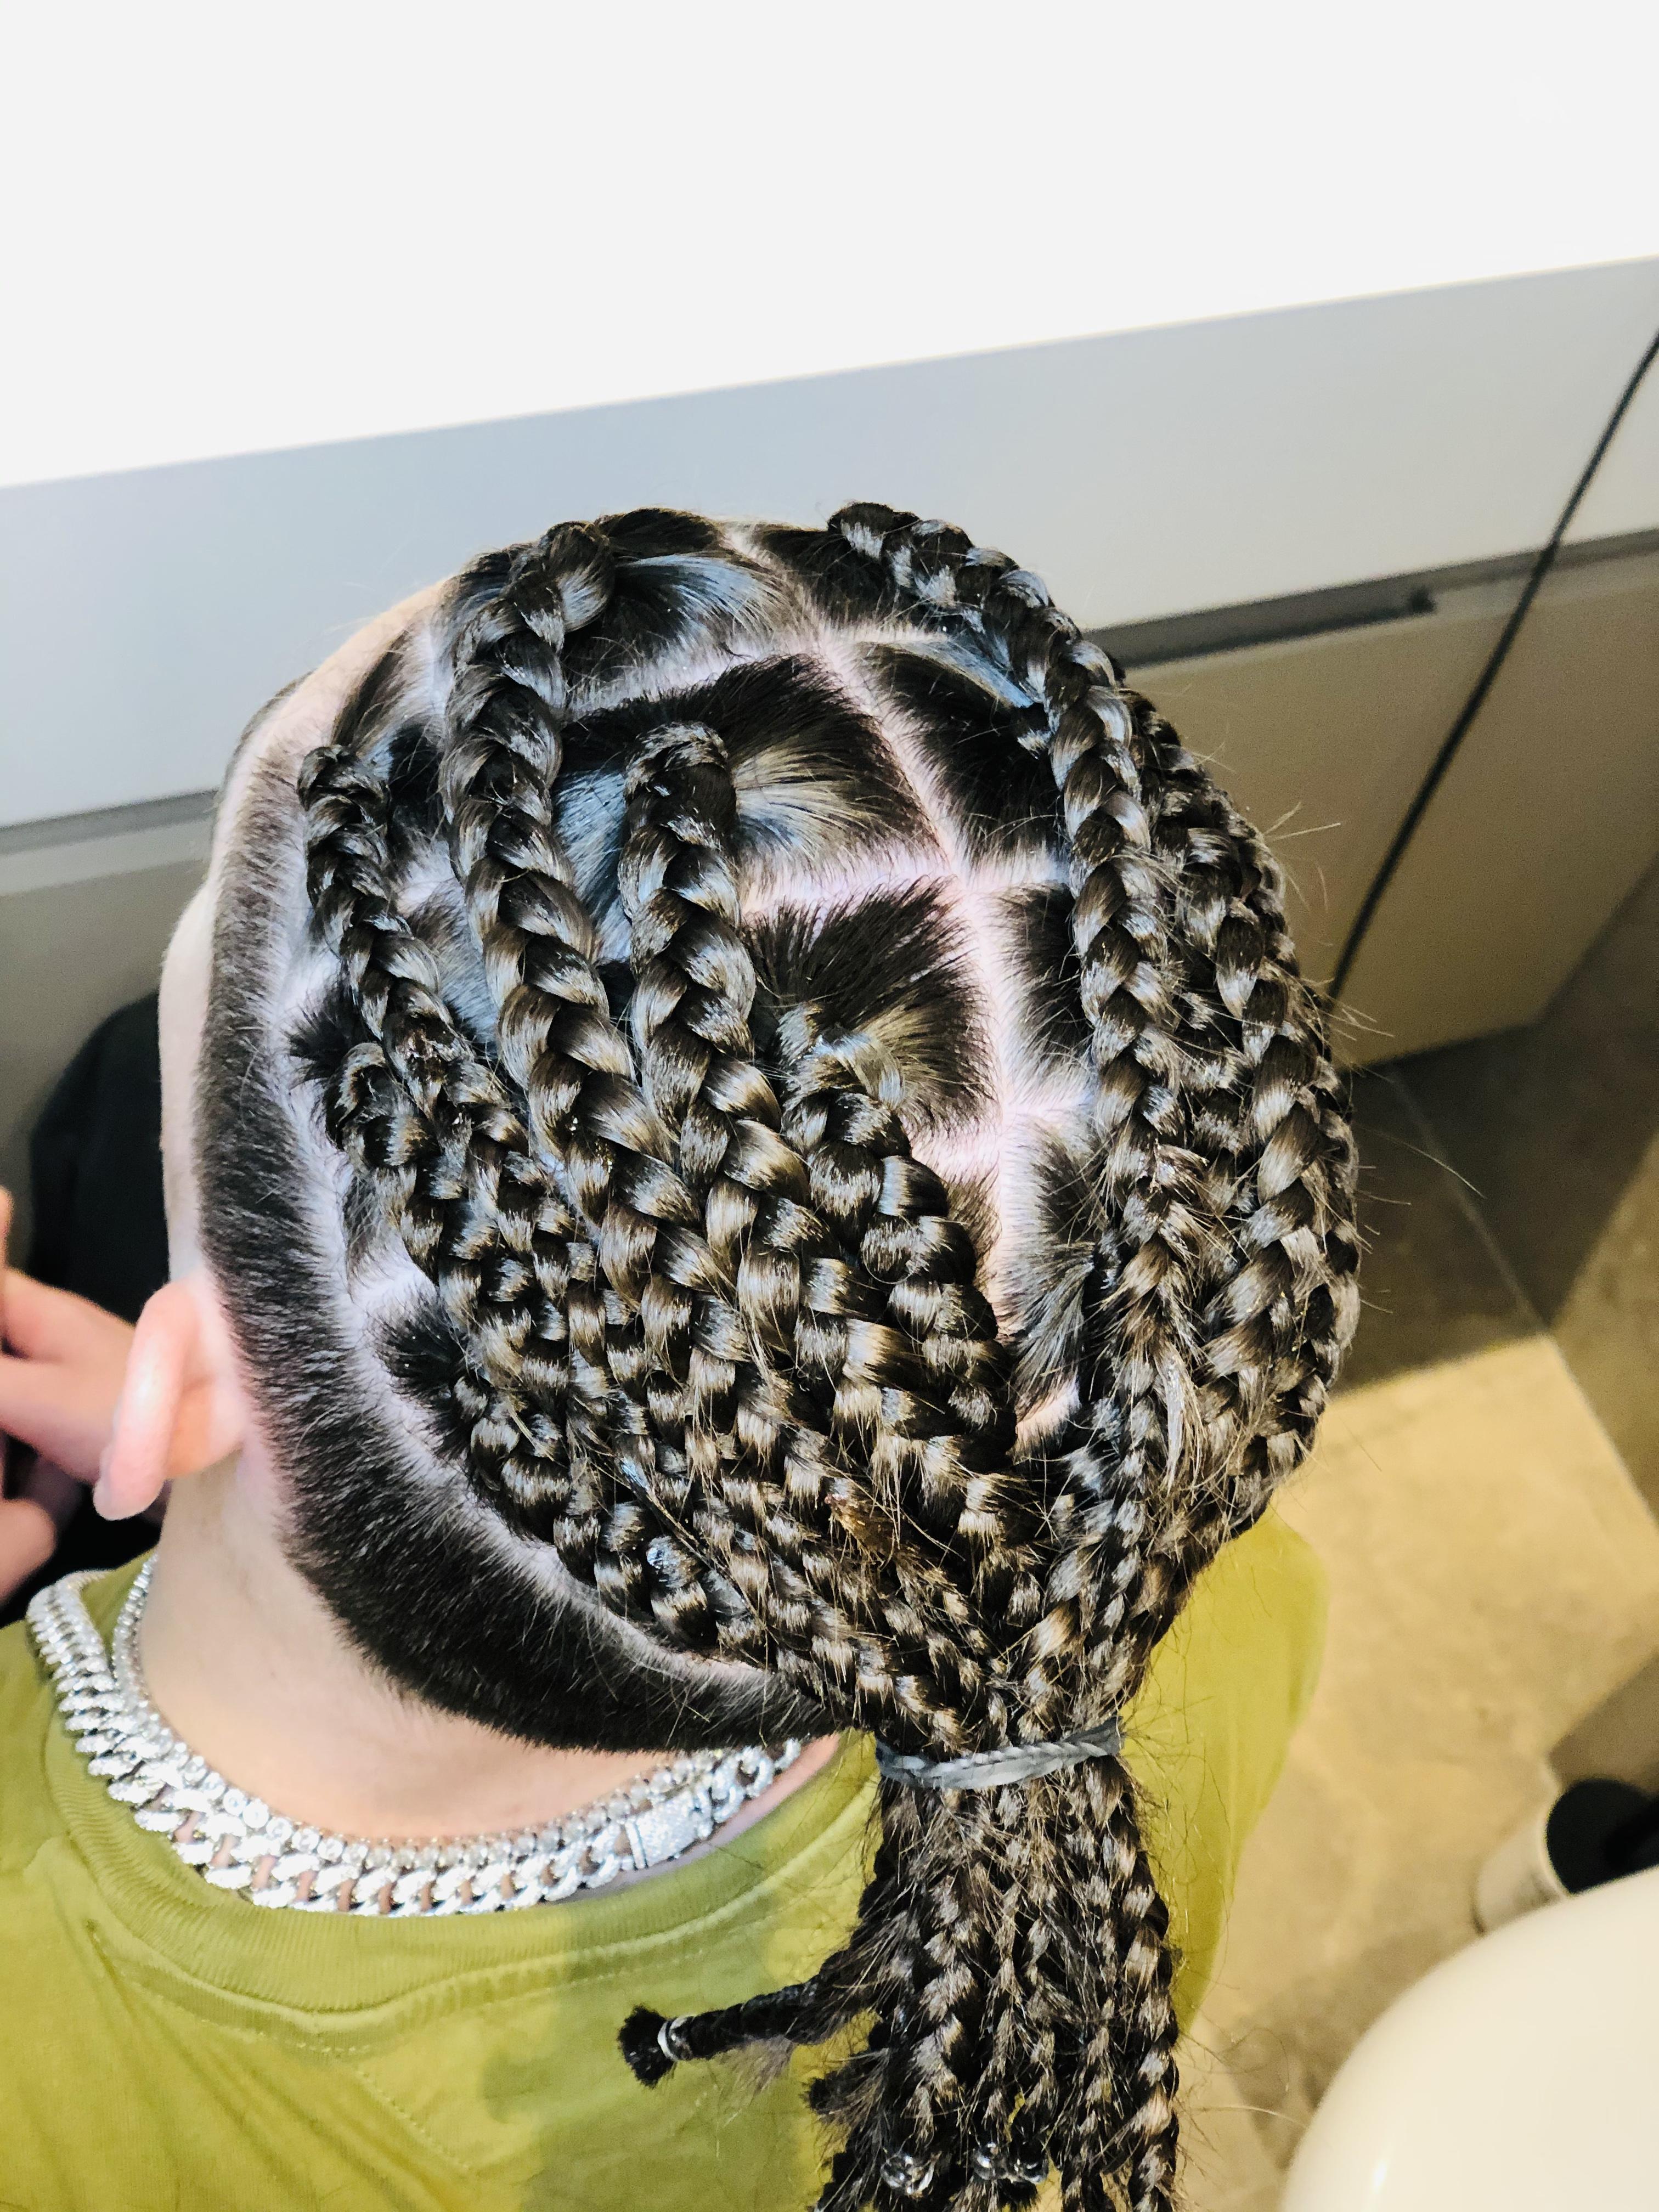 salon de coiffure afro tresse tresses box braids crochet braids vanilles tissages paris 75 77 78 91 92 93 94 95 EZNECUCF